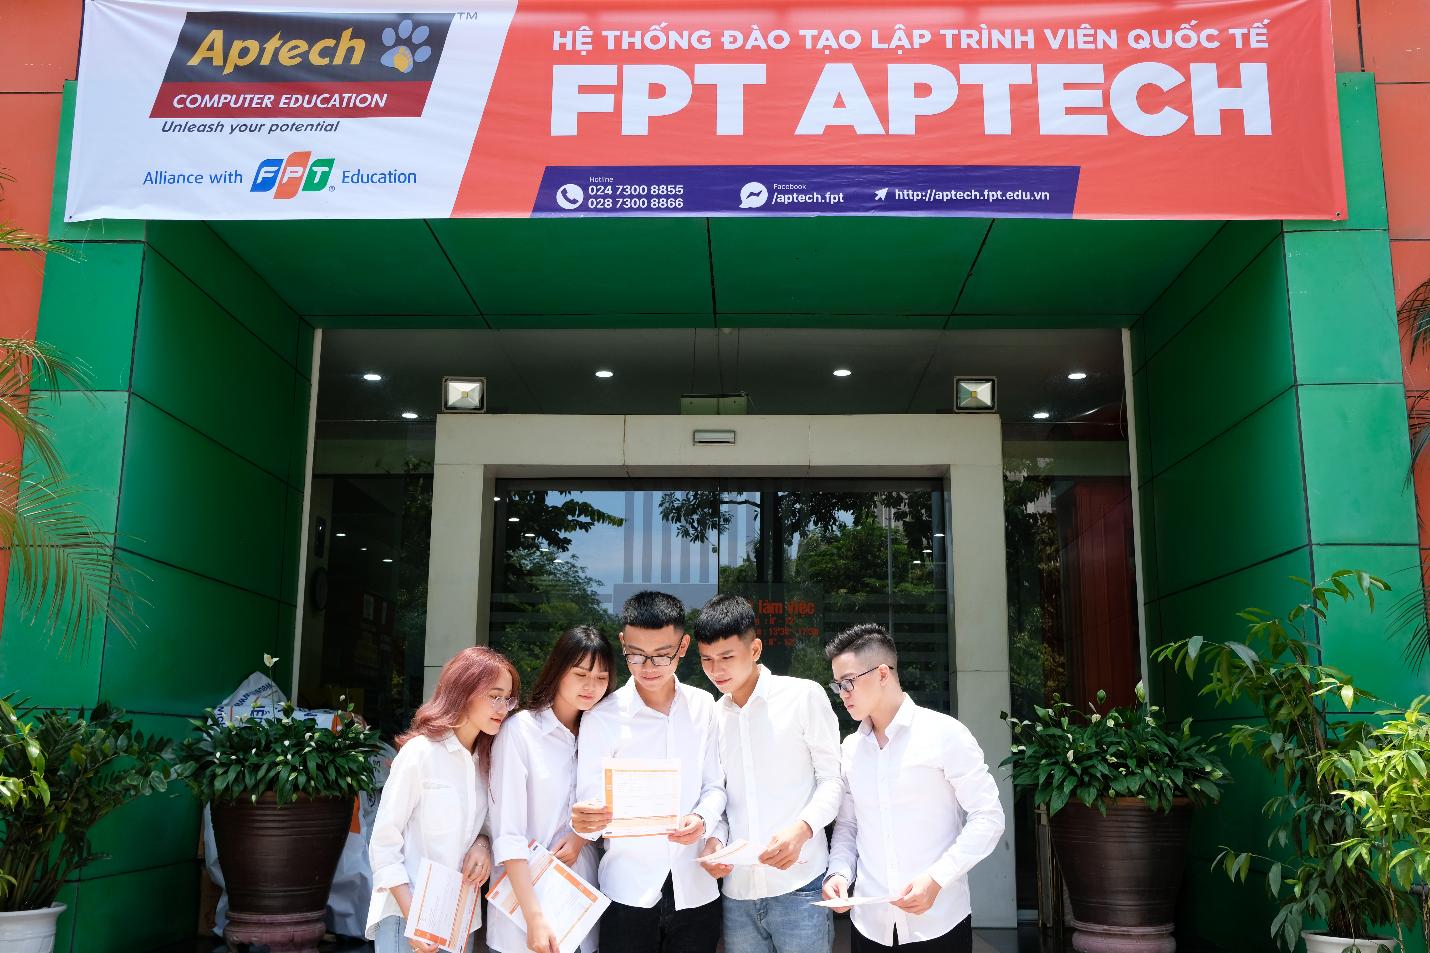 Nhiều học sinh ứng tuyển sớm vào FPT Aptech.